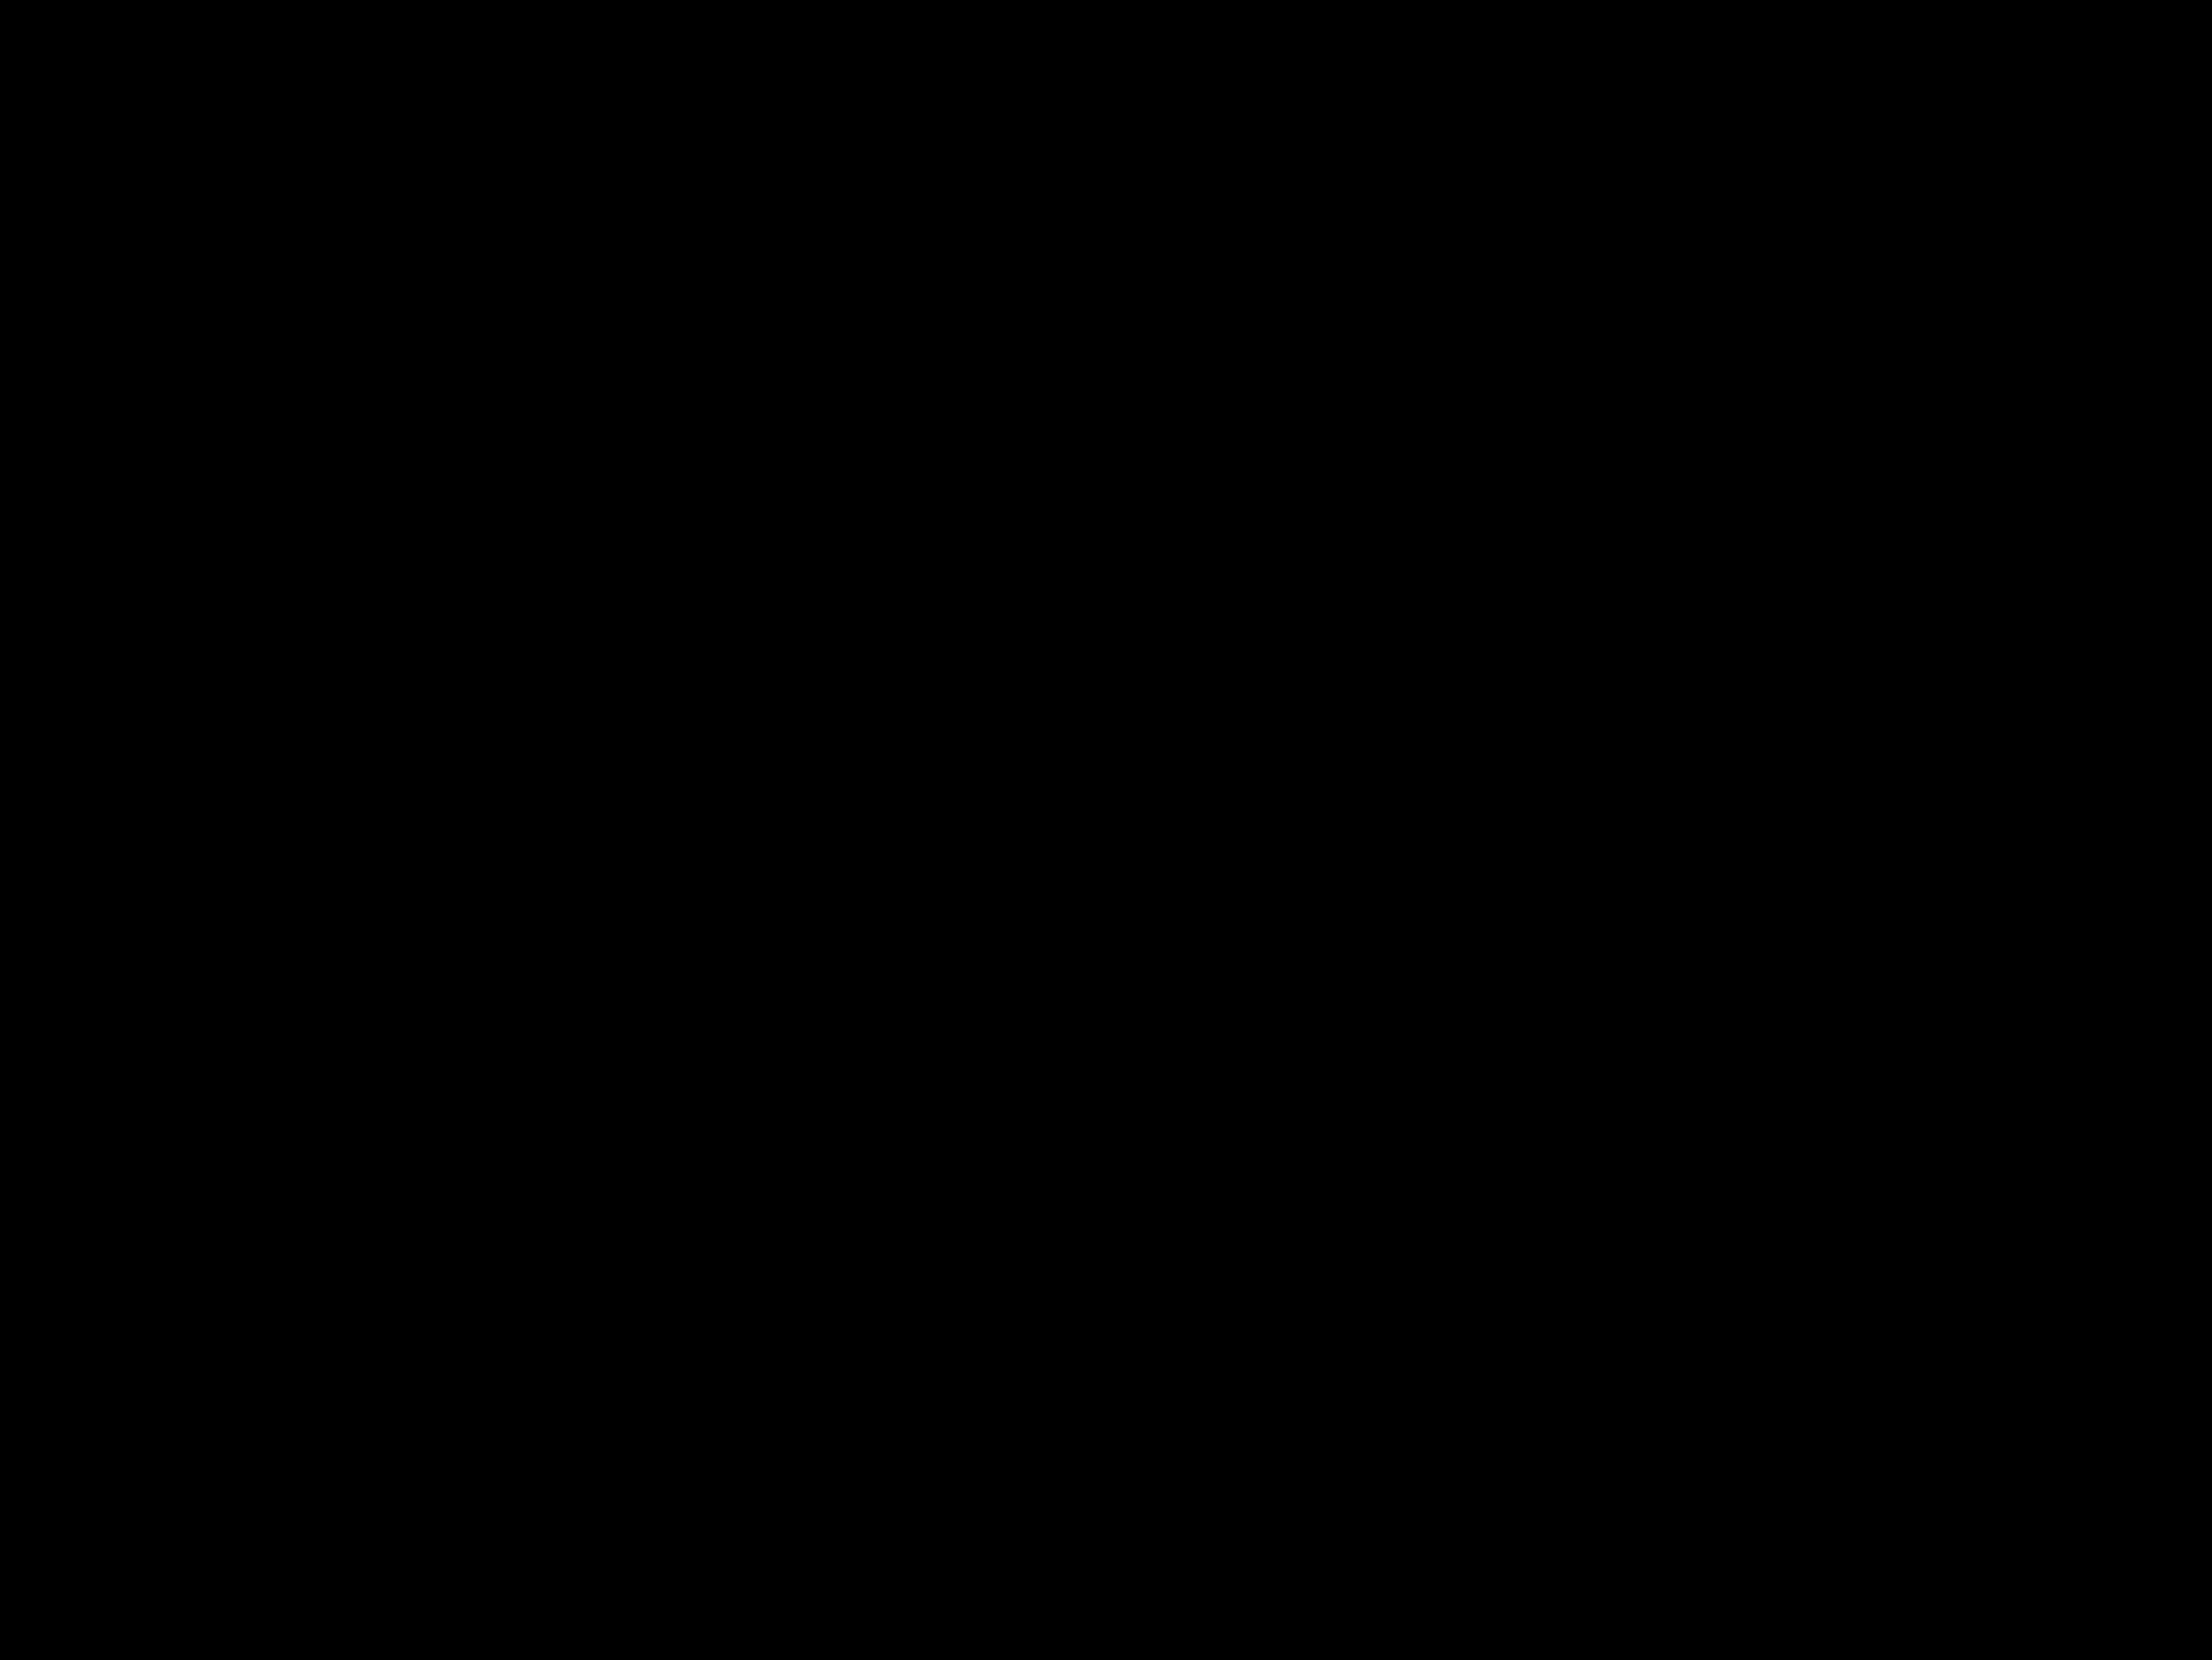 Landrat Sören Meng besuchte die Ganztagsklassen der Alex-Deutsch-Schule